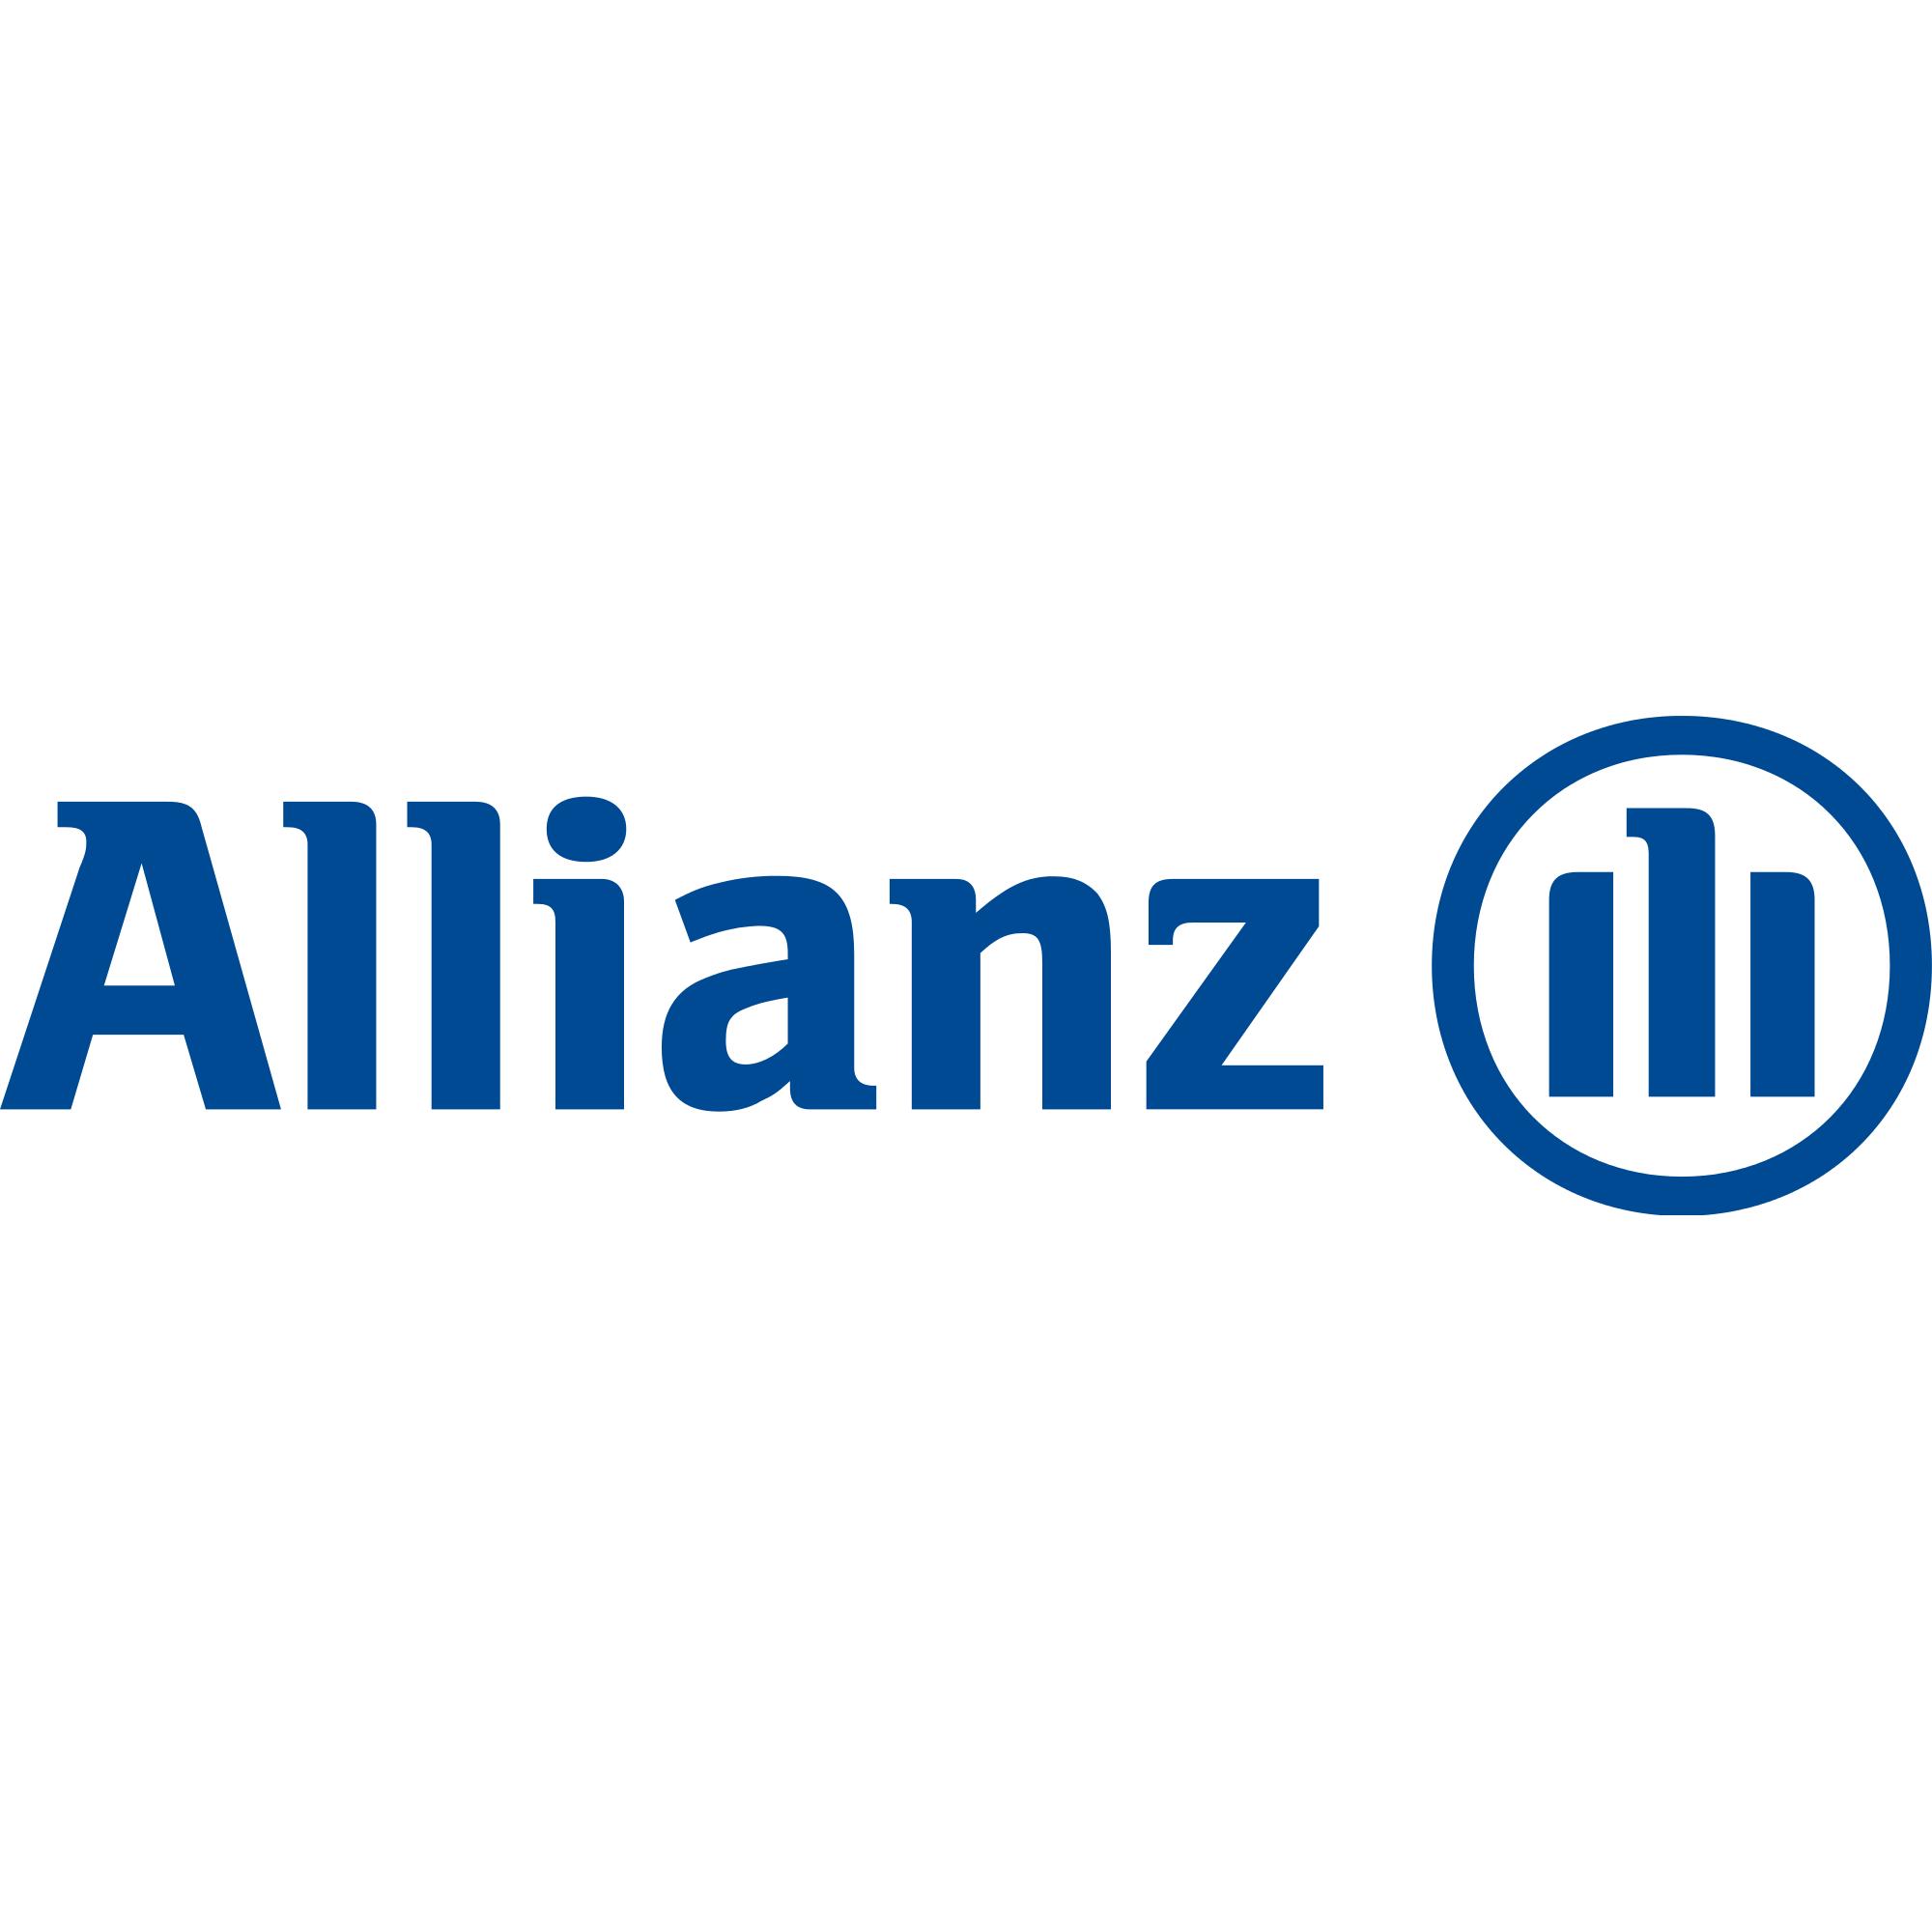 Bild zu Allianz Bergheim - Jürgen Dallmann in Bergheim an der Erft